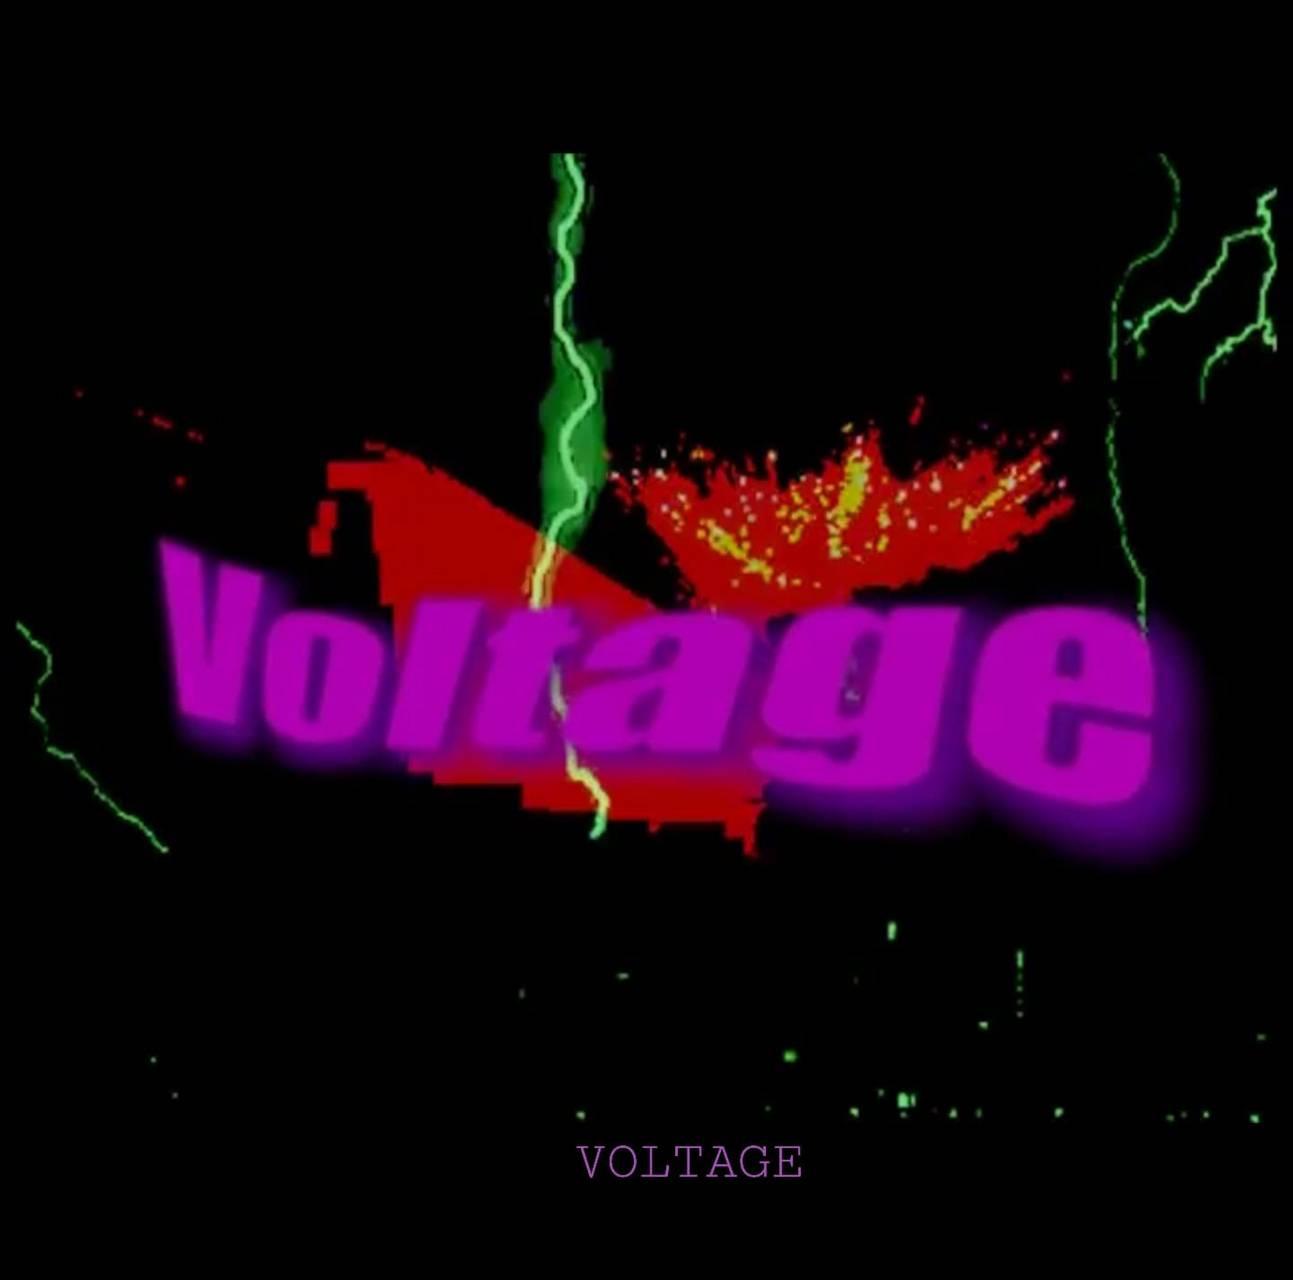 Voltage Artwork